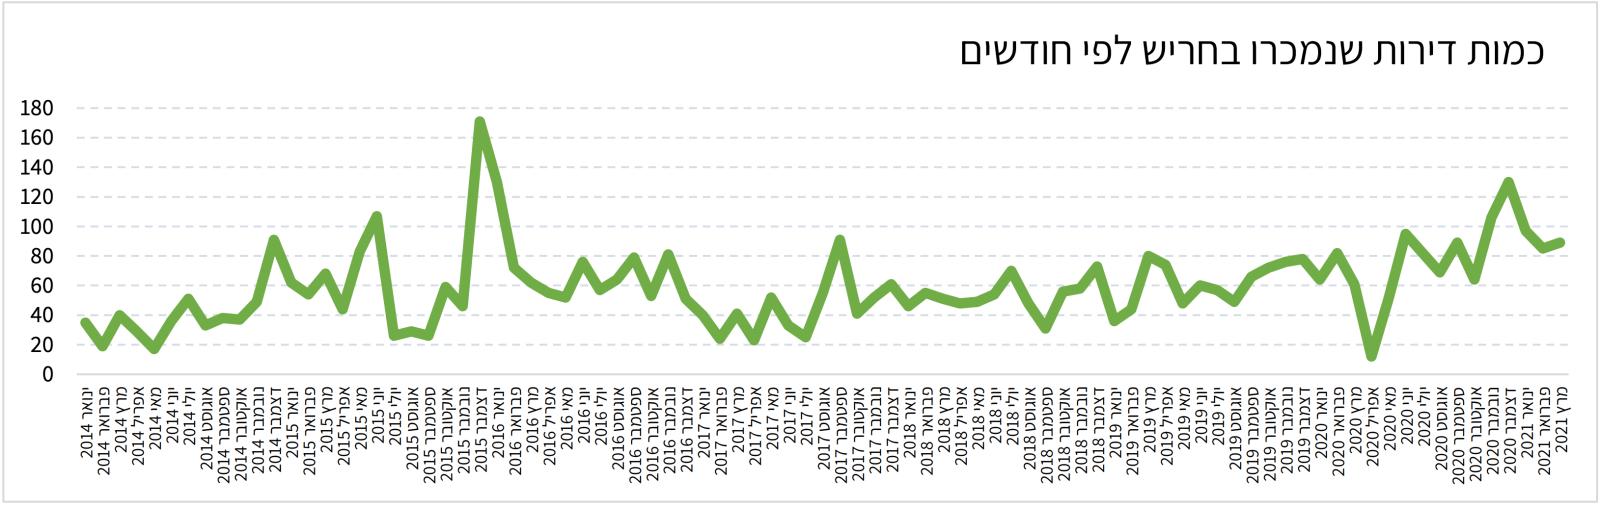 מכירות דירות בחריש 2014-2021